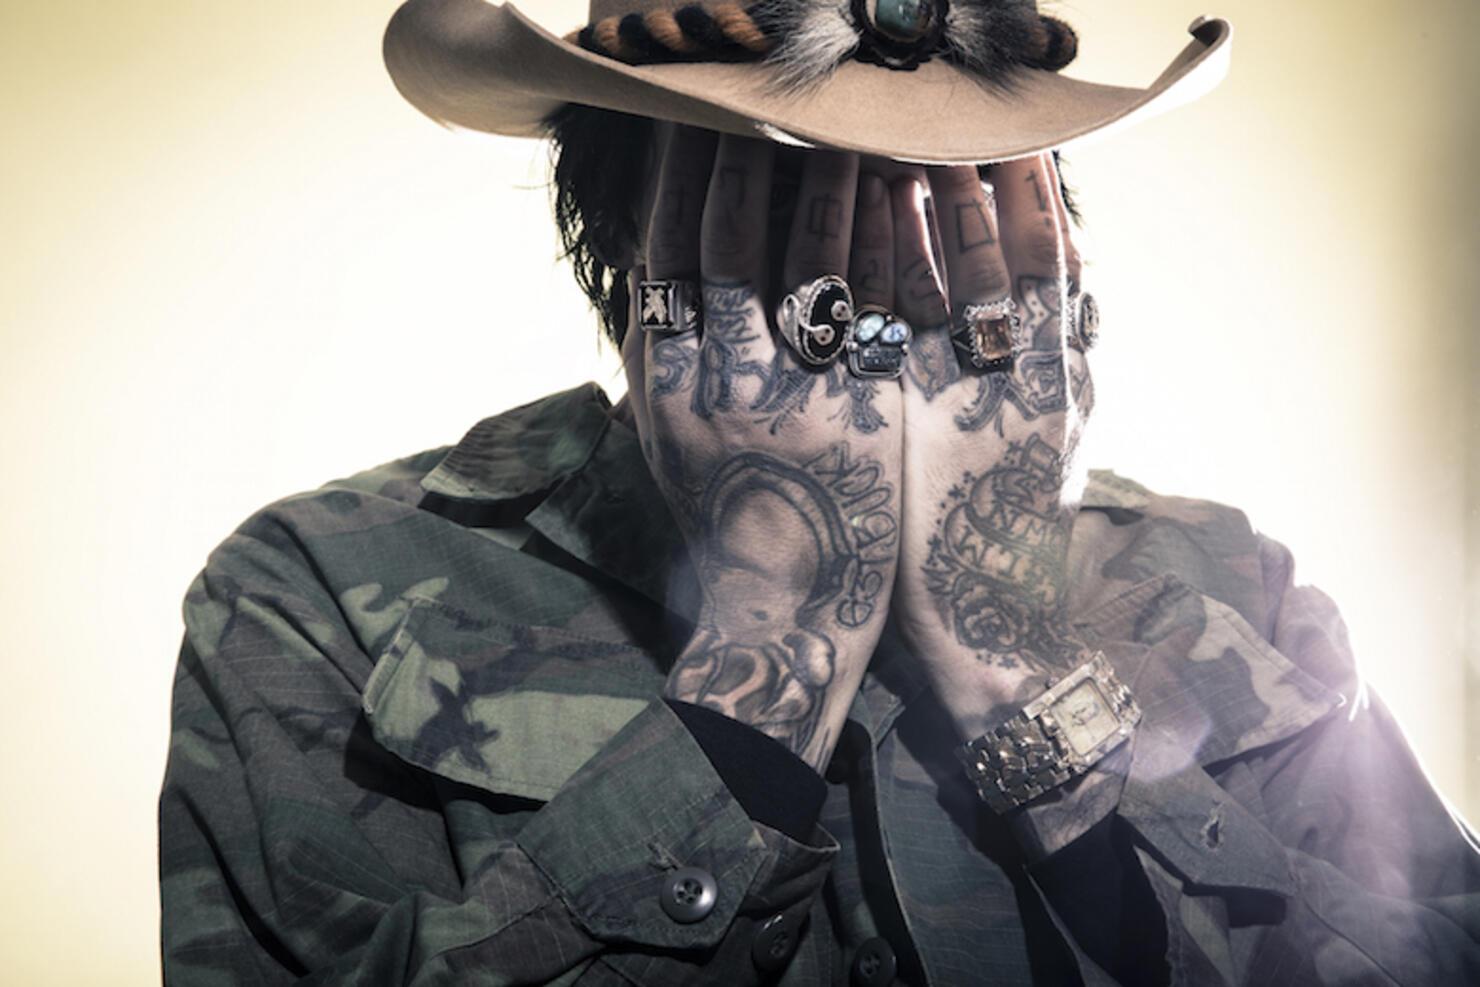 Yelawolf Tattoo Stories 2015